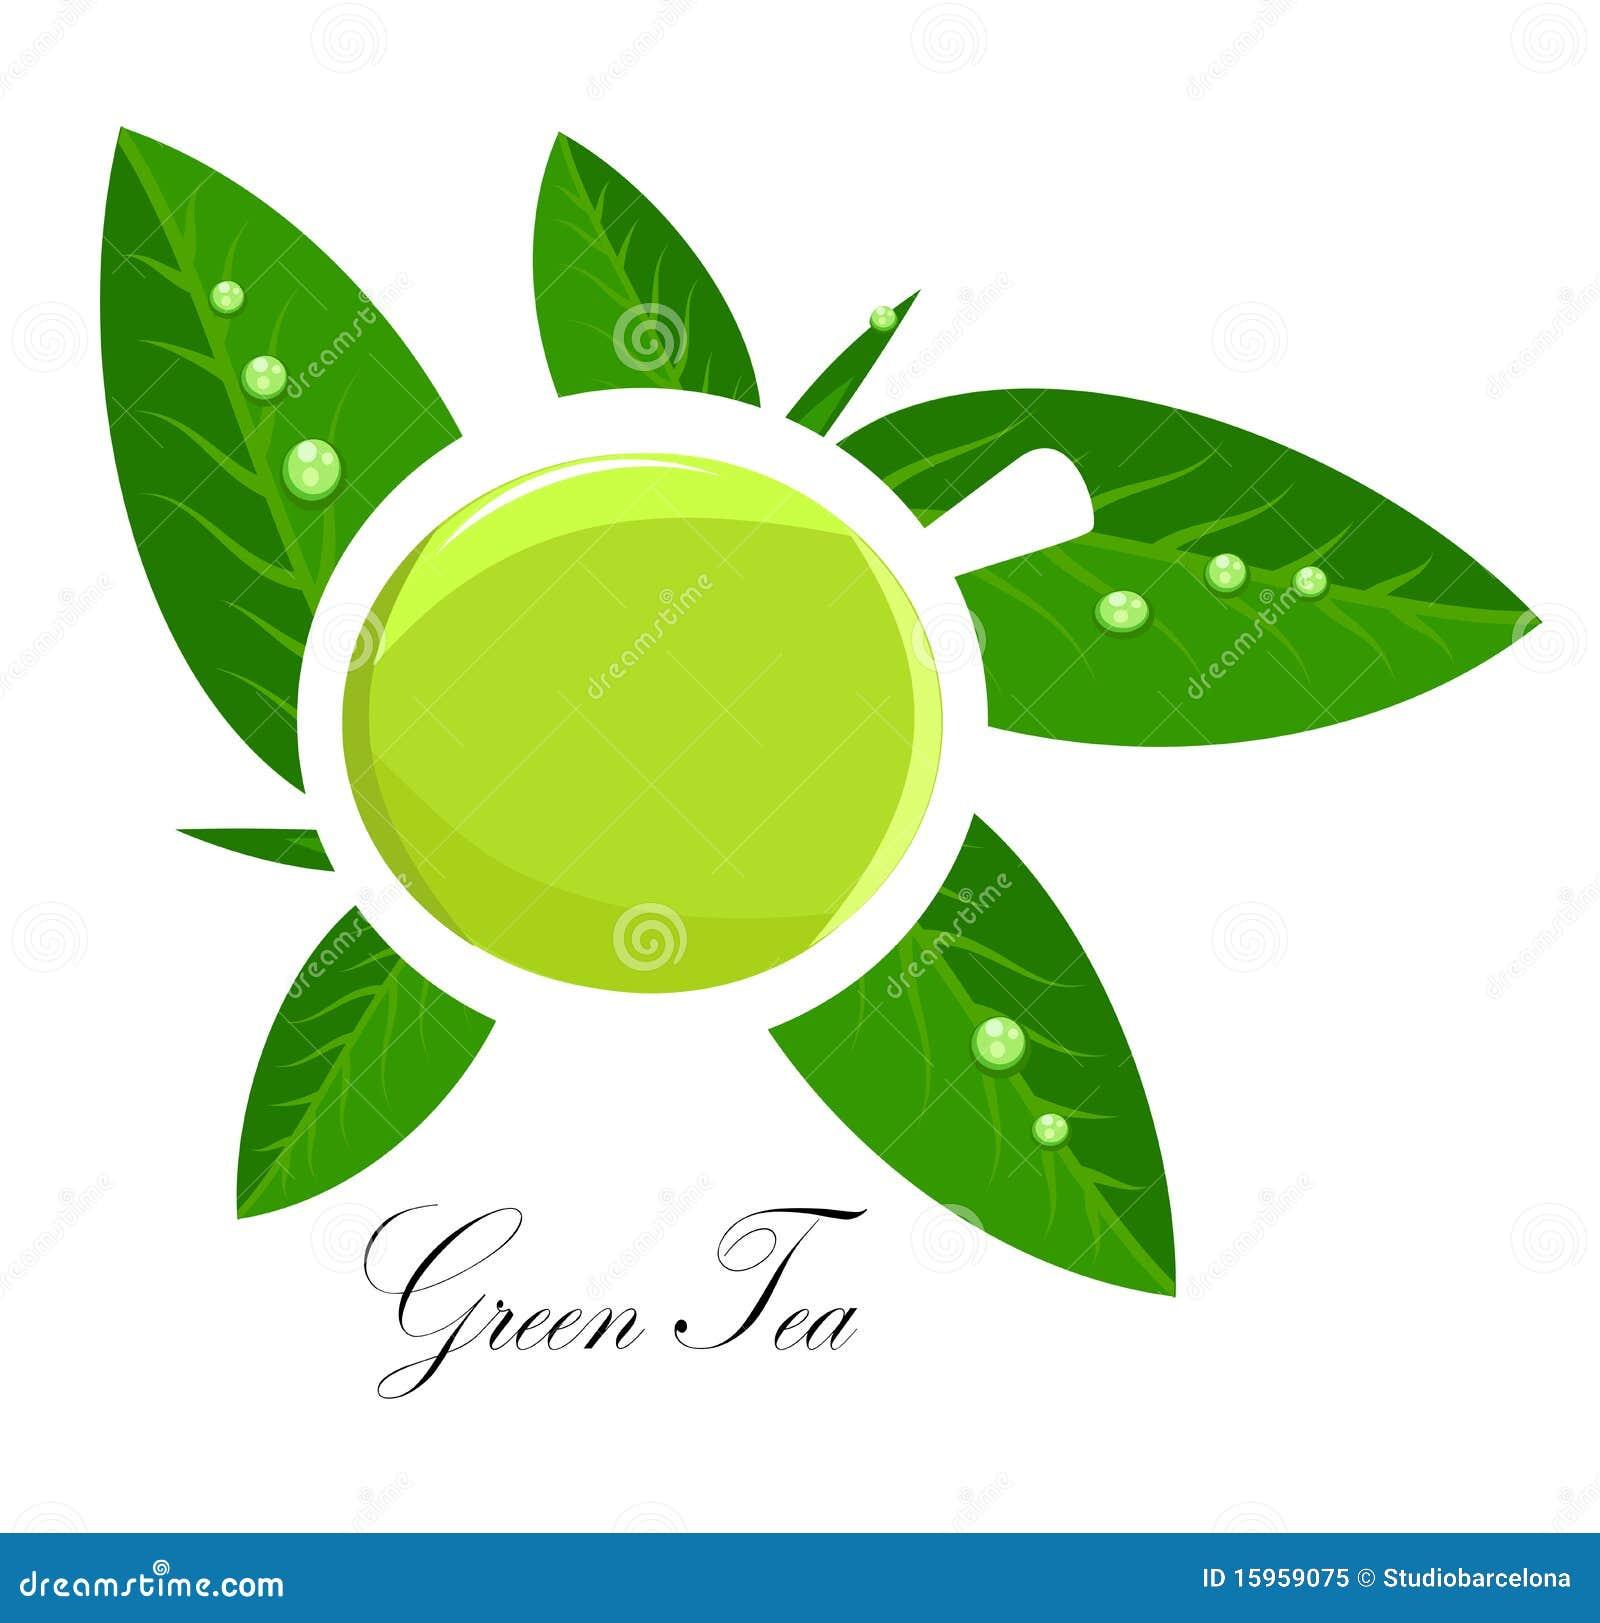 Start an online tea business